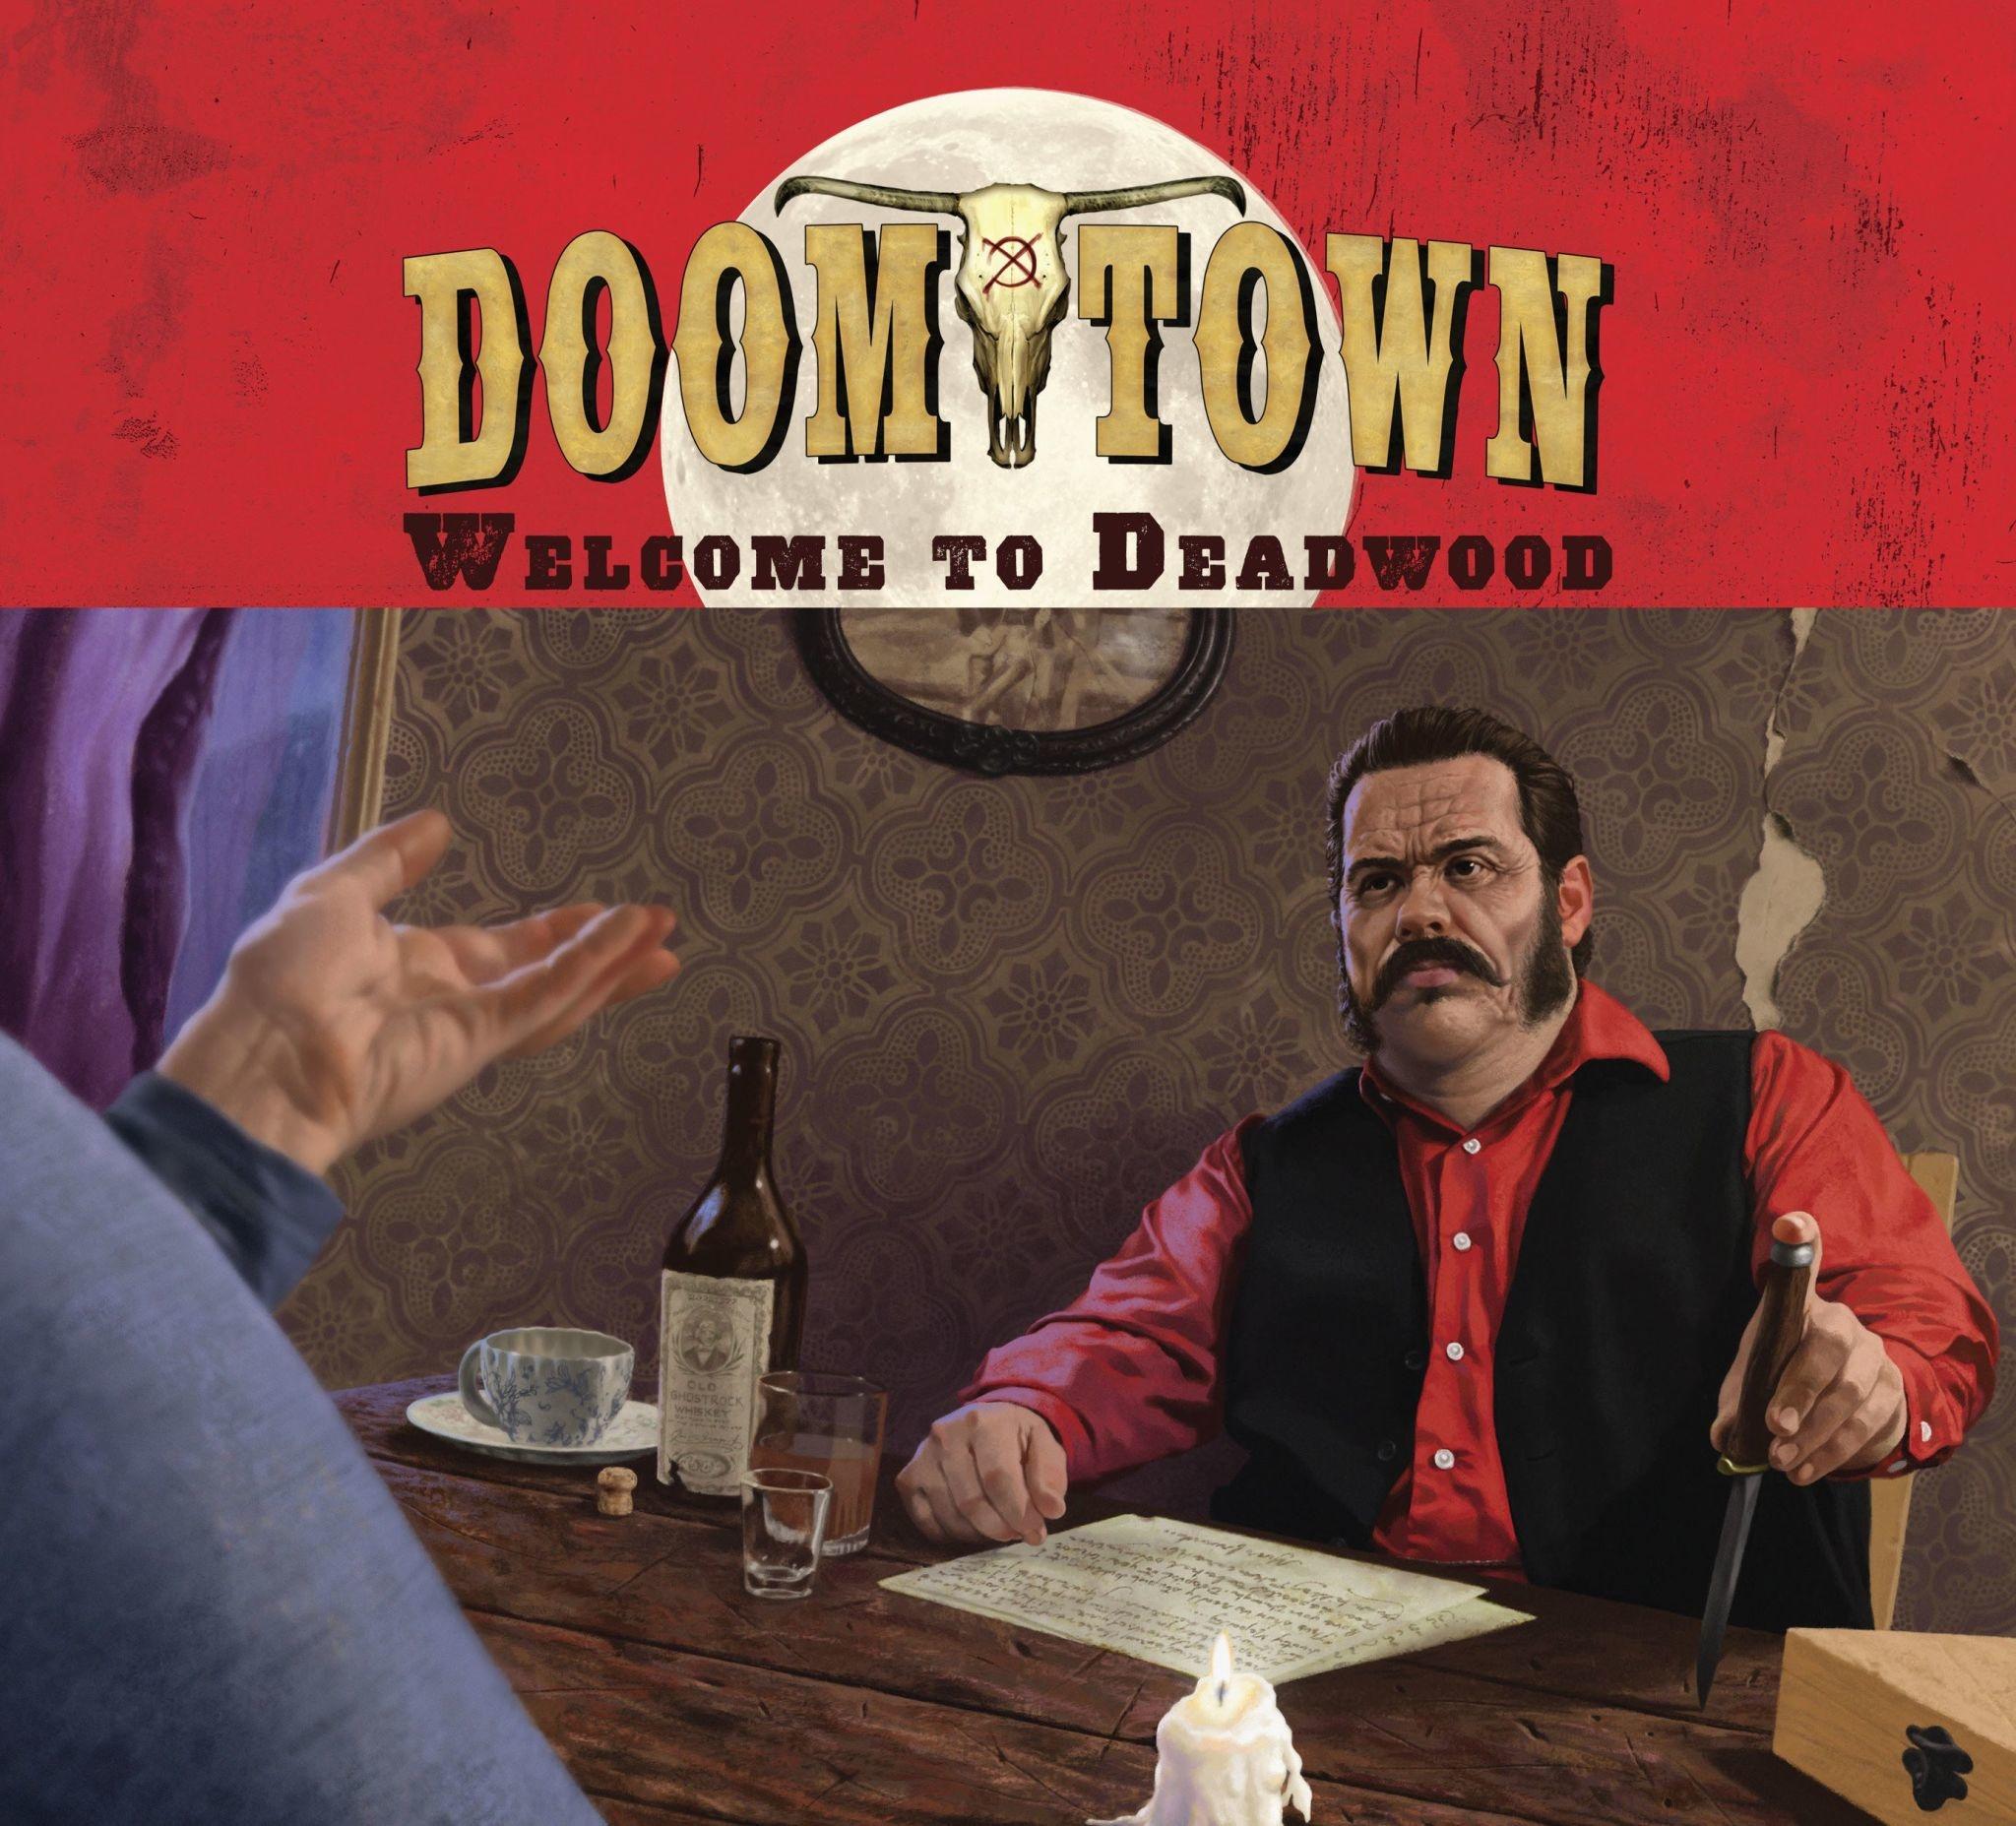 Doomtown: Welcome to Deadwood